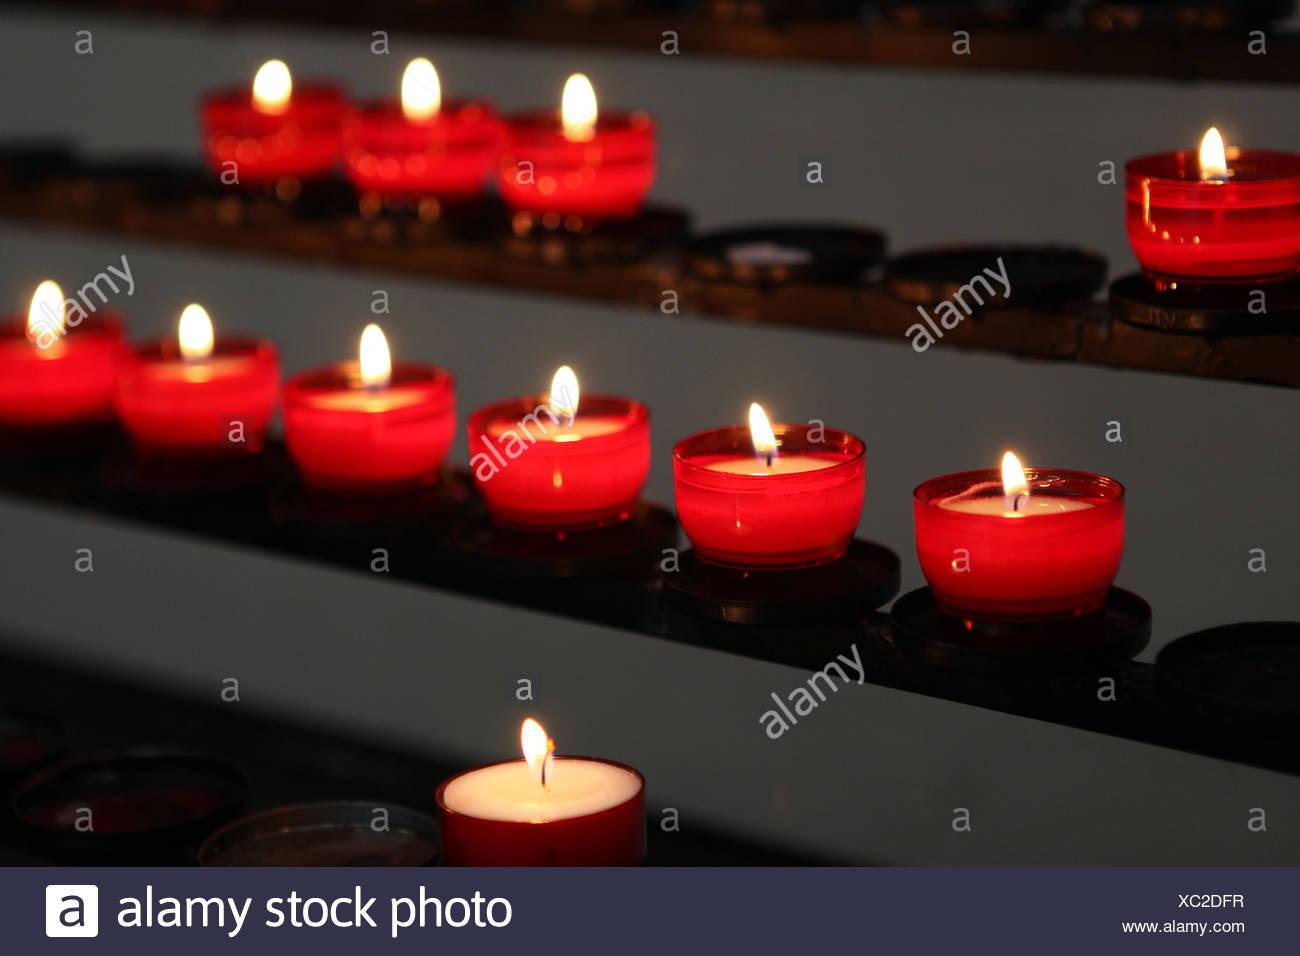 La Credenza Religiosa : Chiesa i religiosi e le religiose lutto dolore candele sacrali